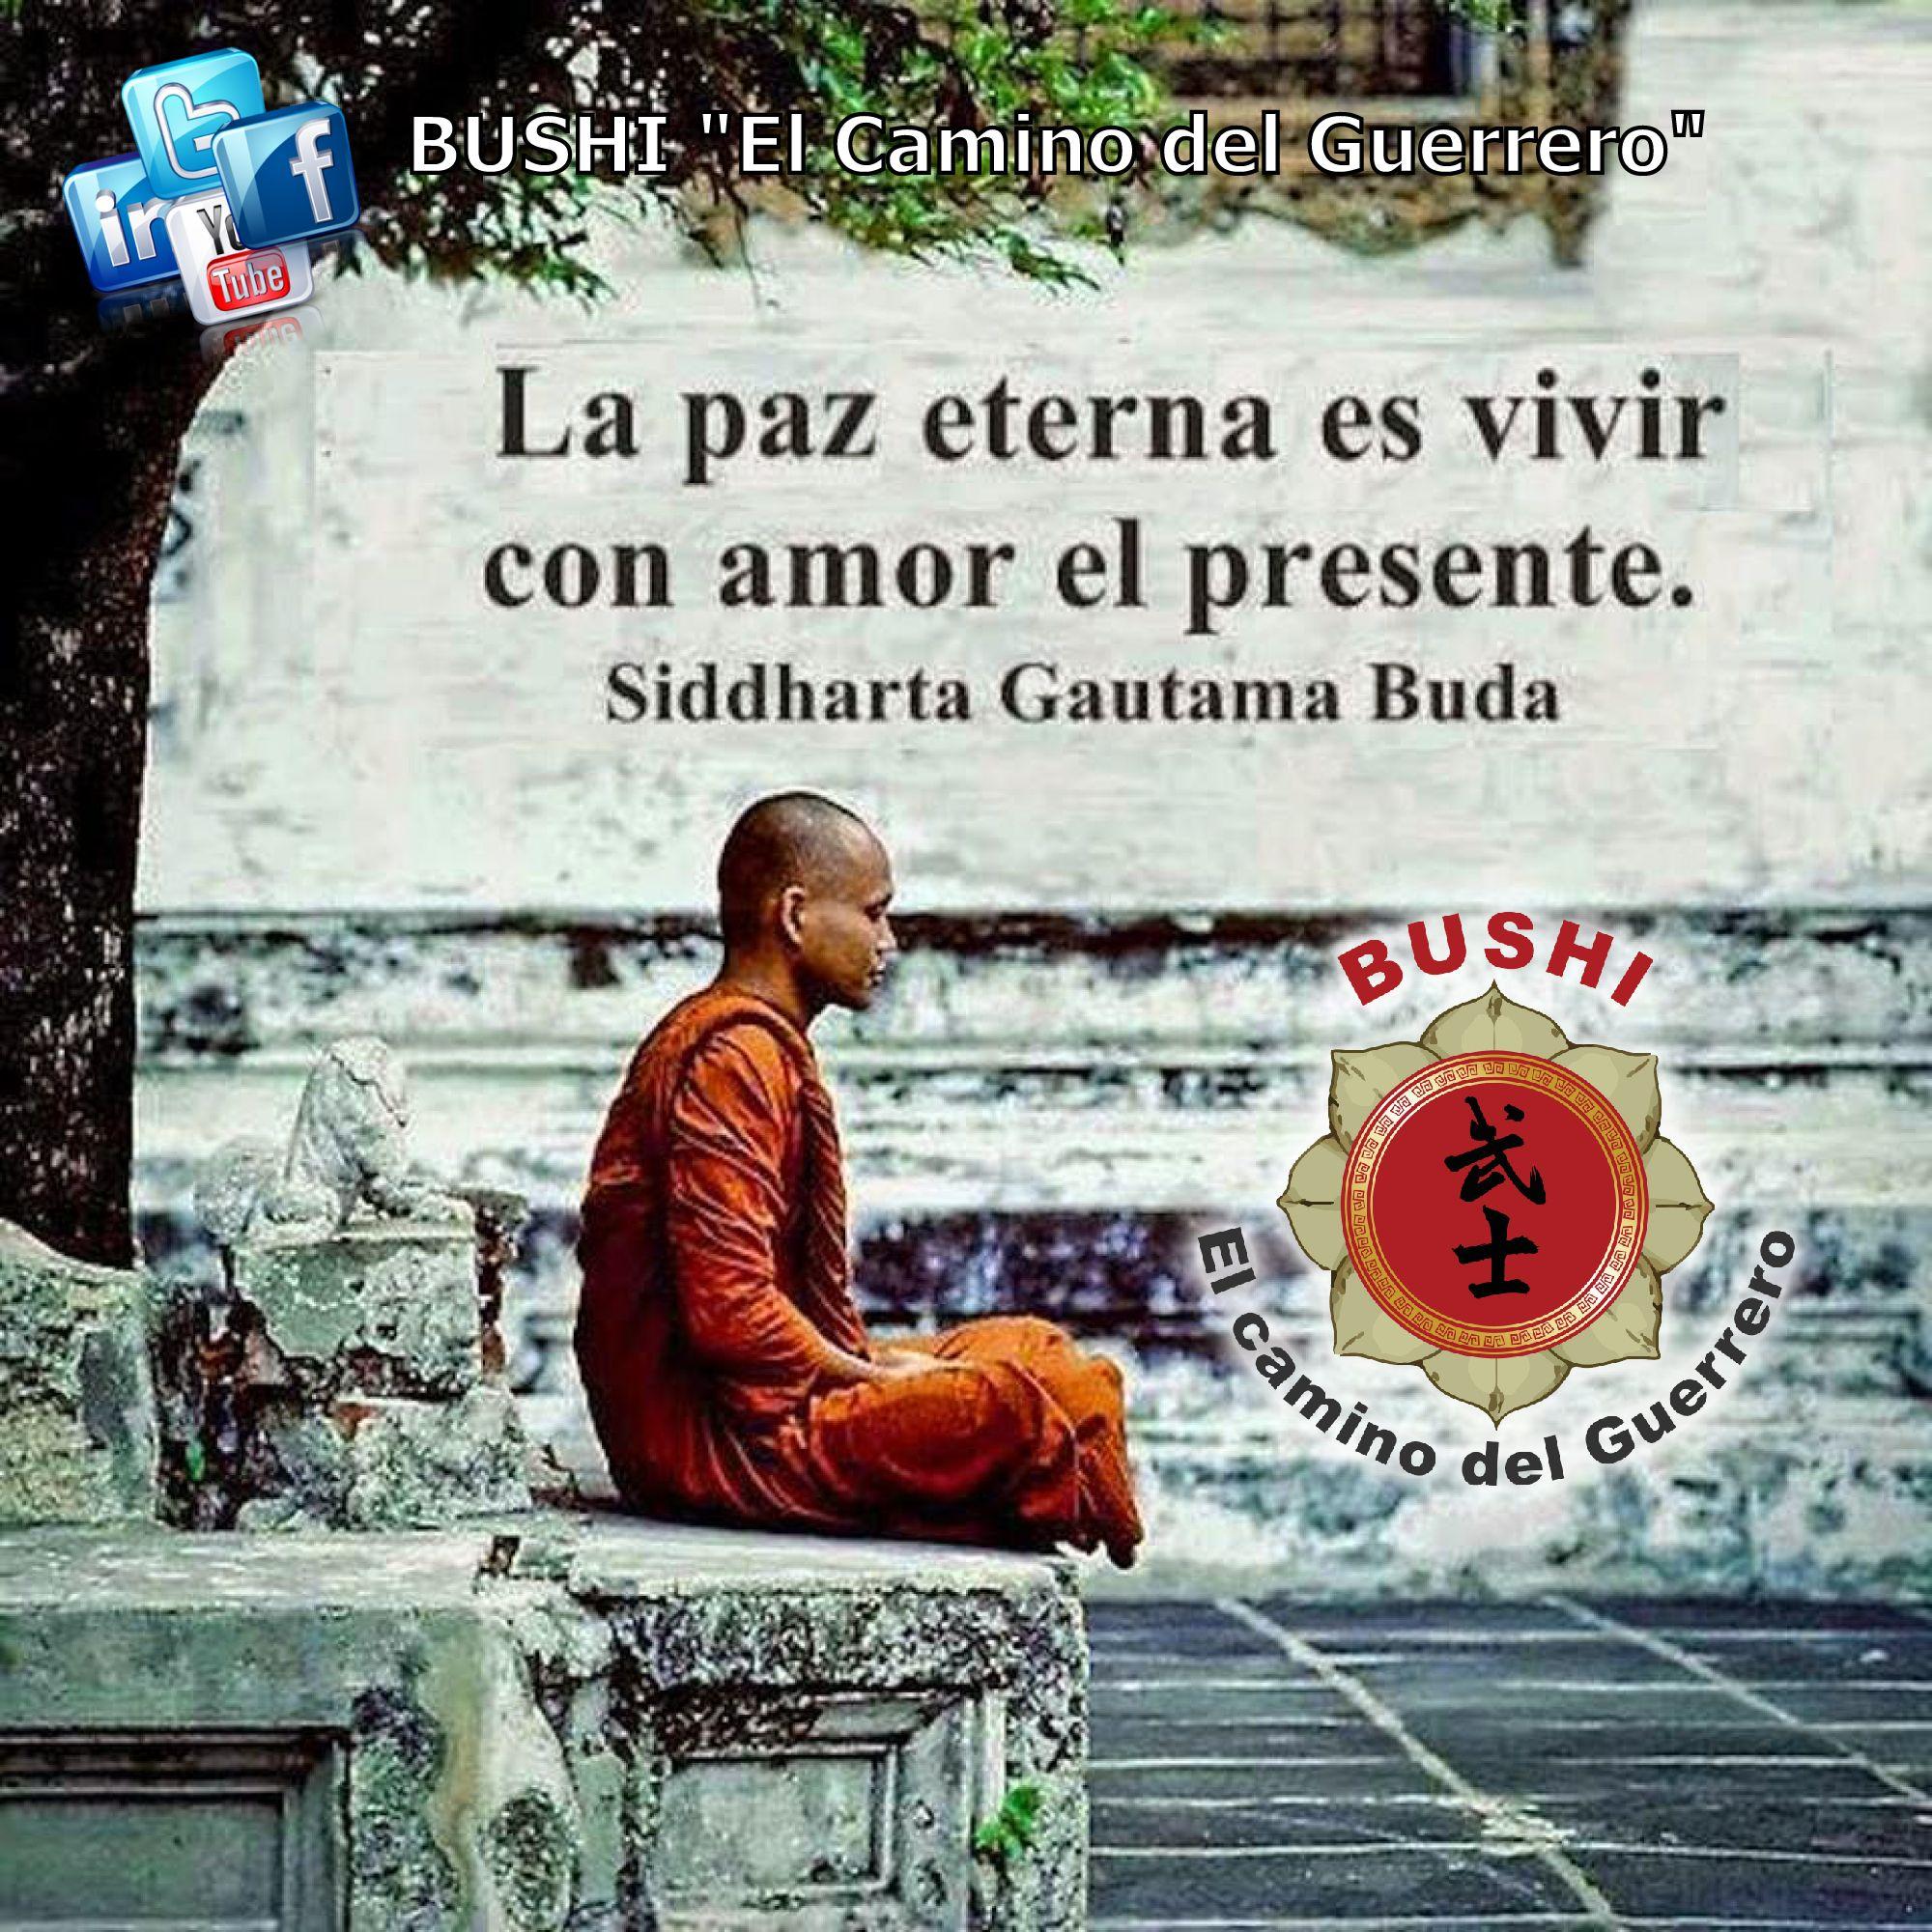 La paz eterna es vivir en amor el presente SiddharthaGautama buda frases